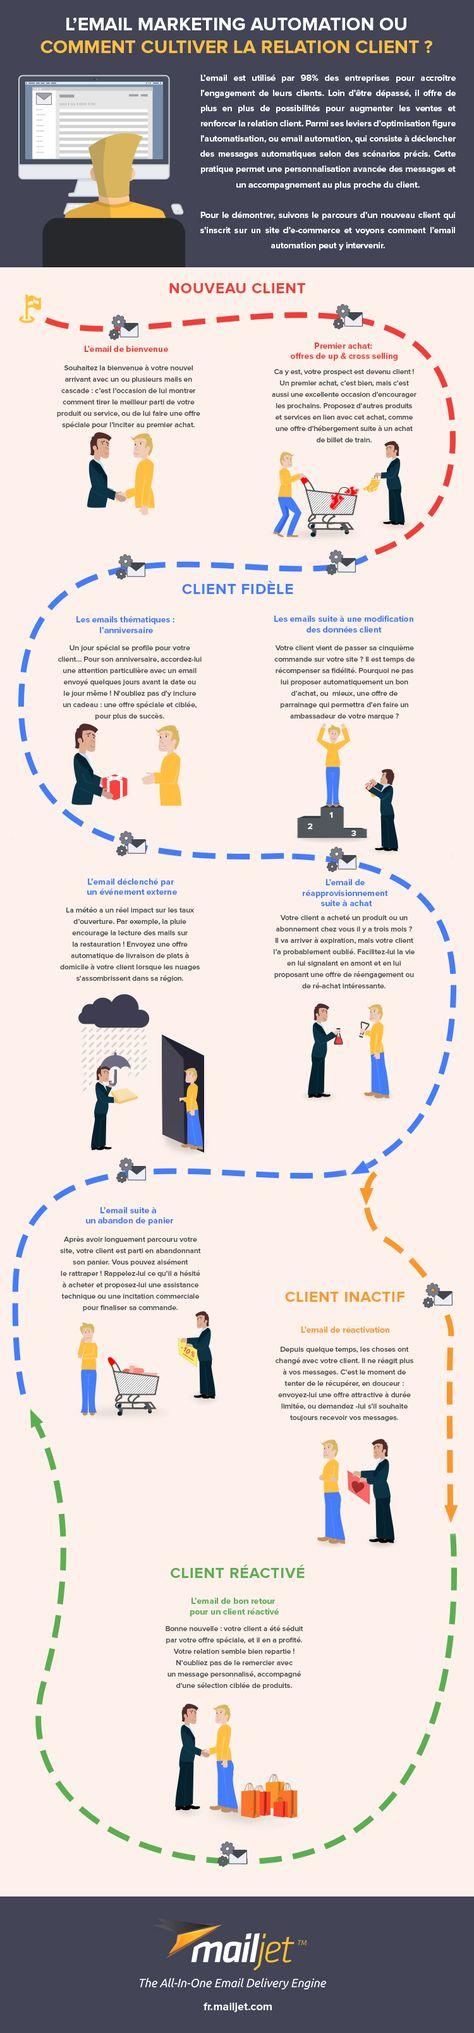 [Infographie] Emails automatisés - comment cultiver la relation client? #digital #marketing #automation